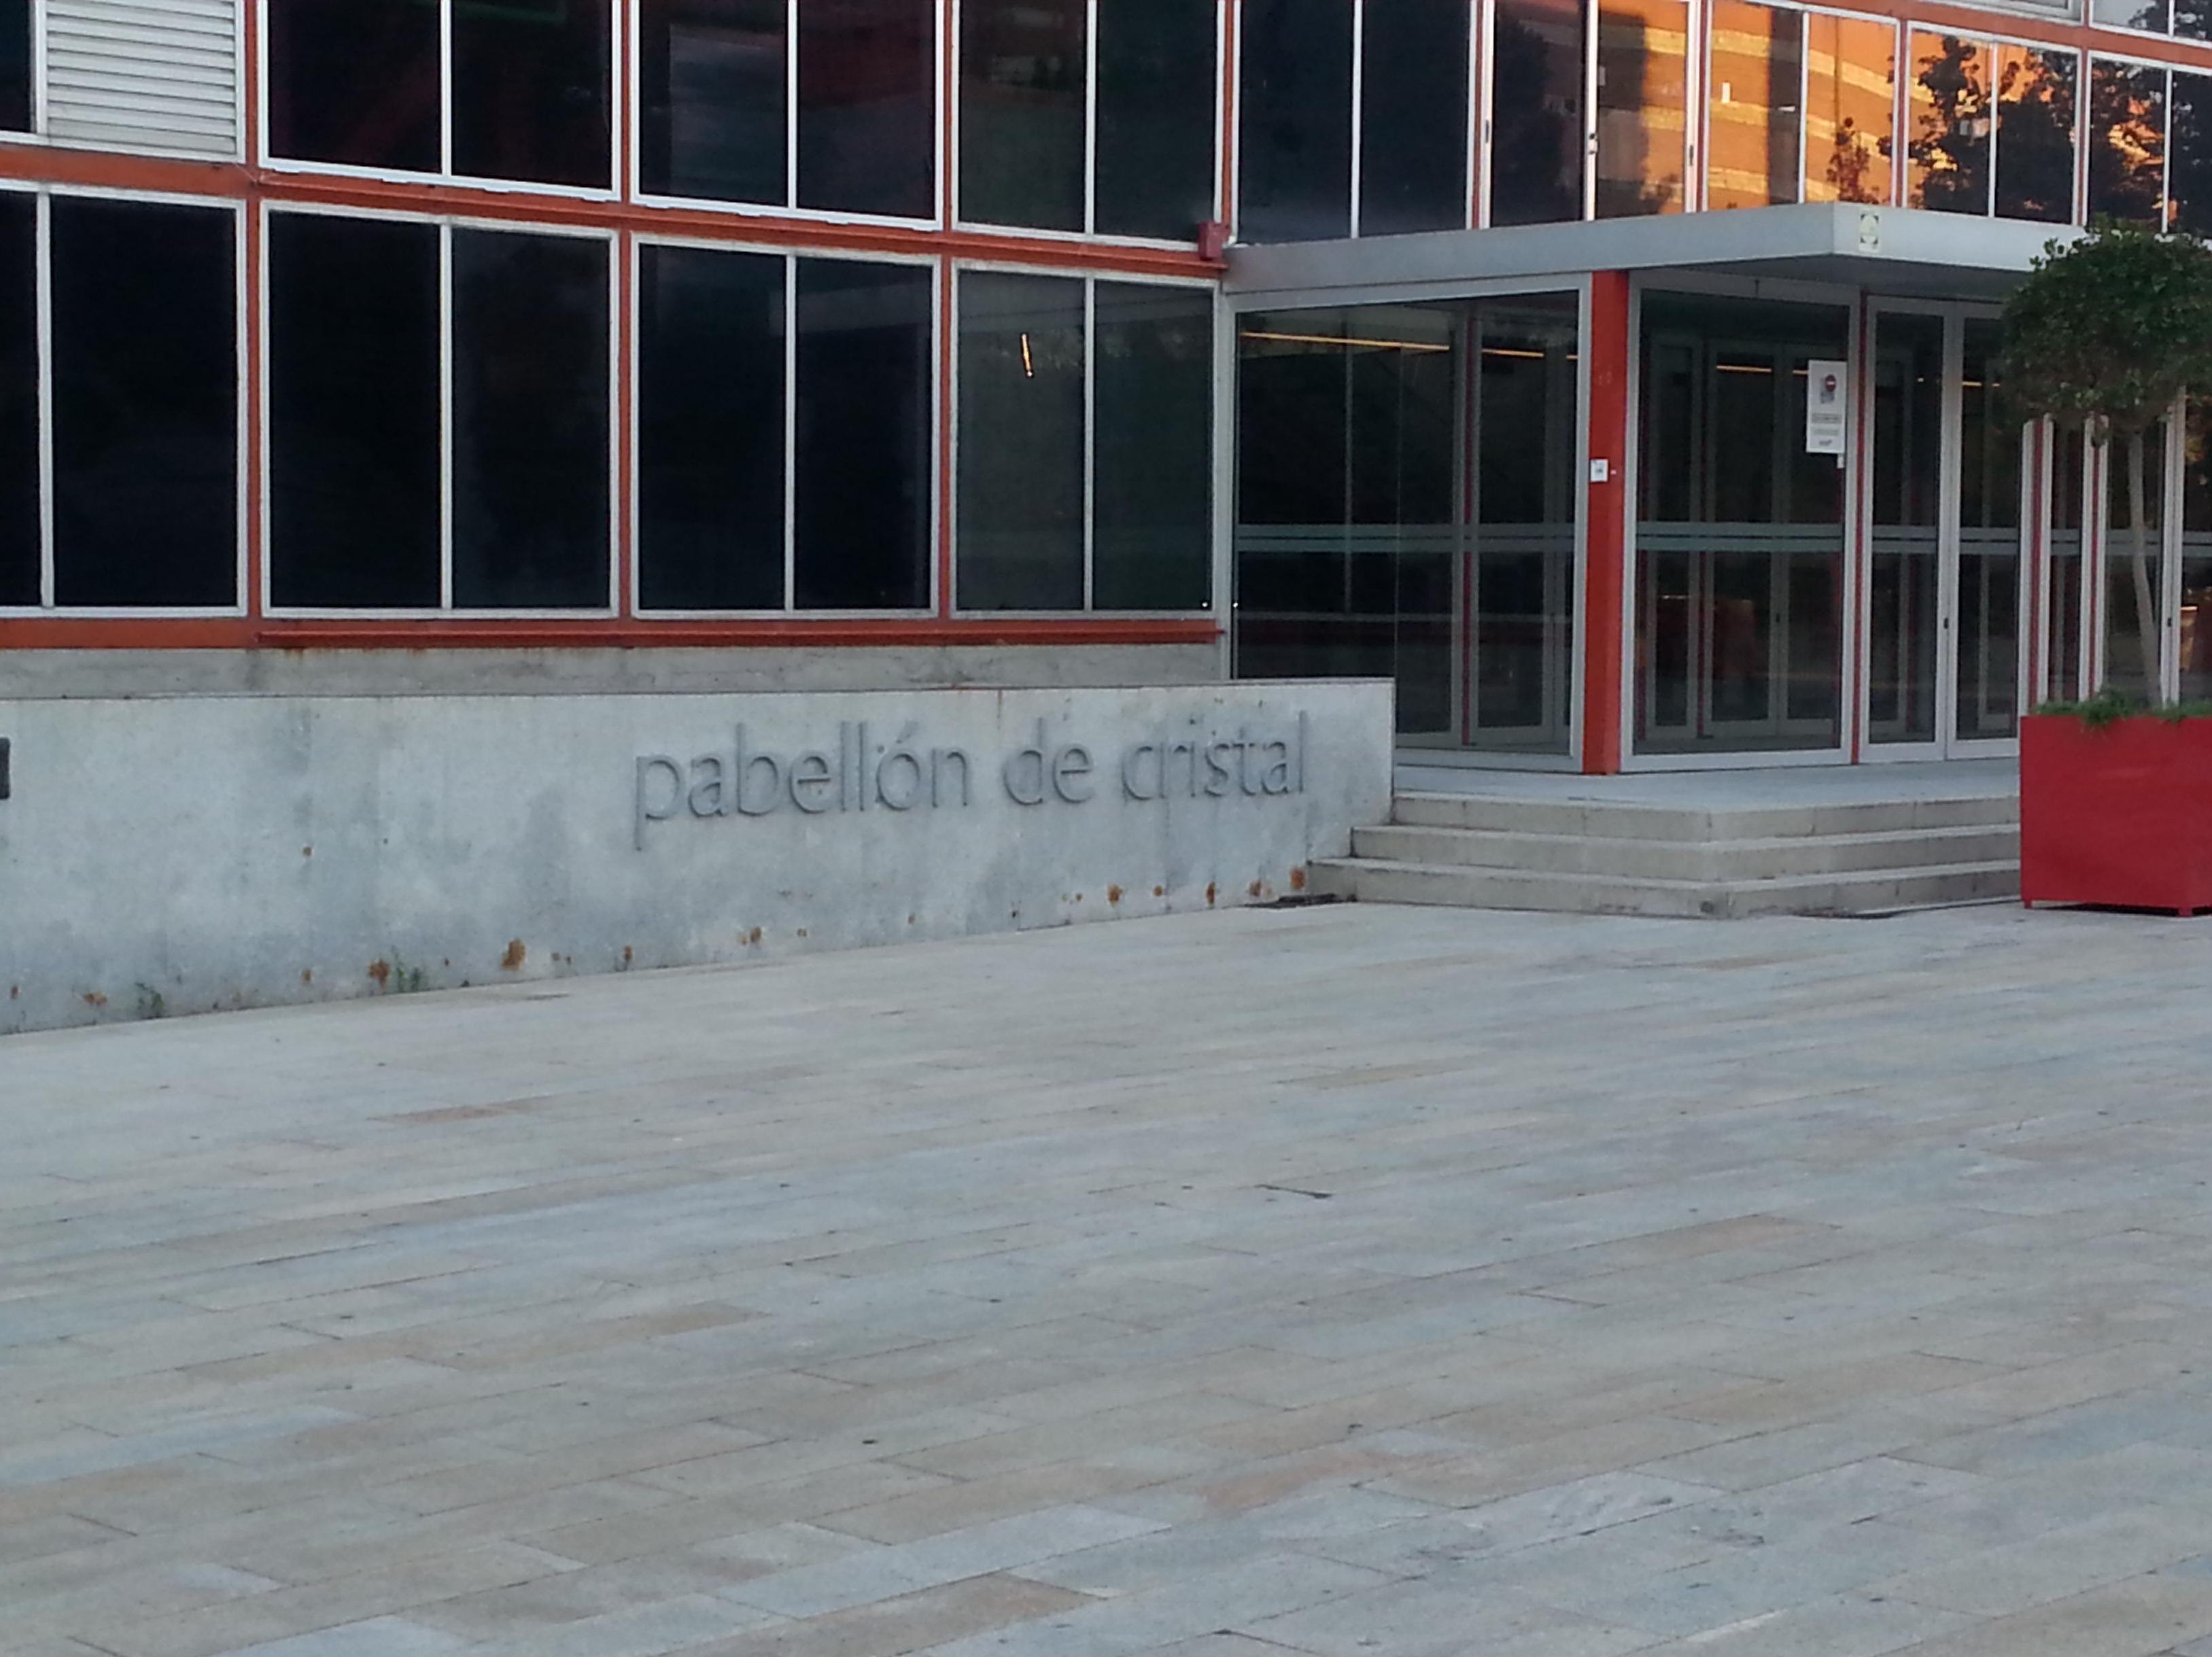 SUELO GRANITO MADRID ARENA - PABELLON DE CRISTAL